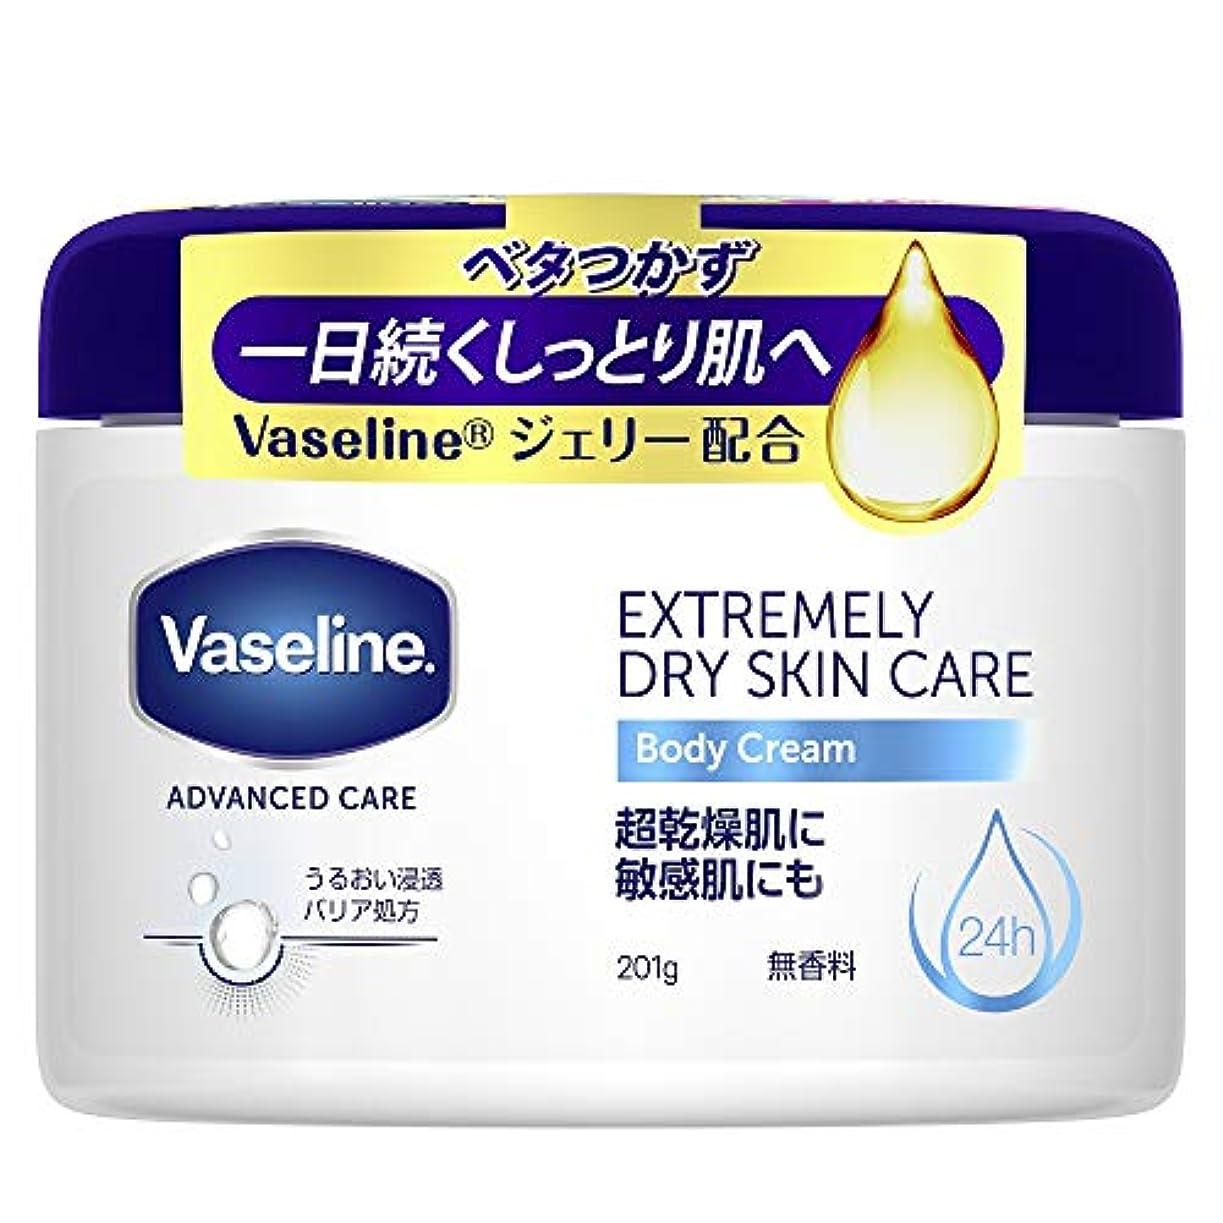 うま鬼ごっこ夜明けVaseline(ヴァセリン) ヴァセリン エクストリーム ドライスキンケア ボディクリーム 201g